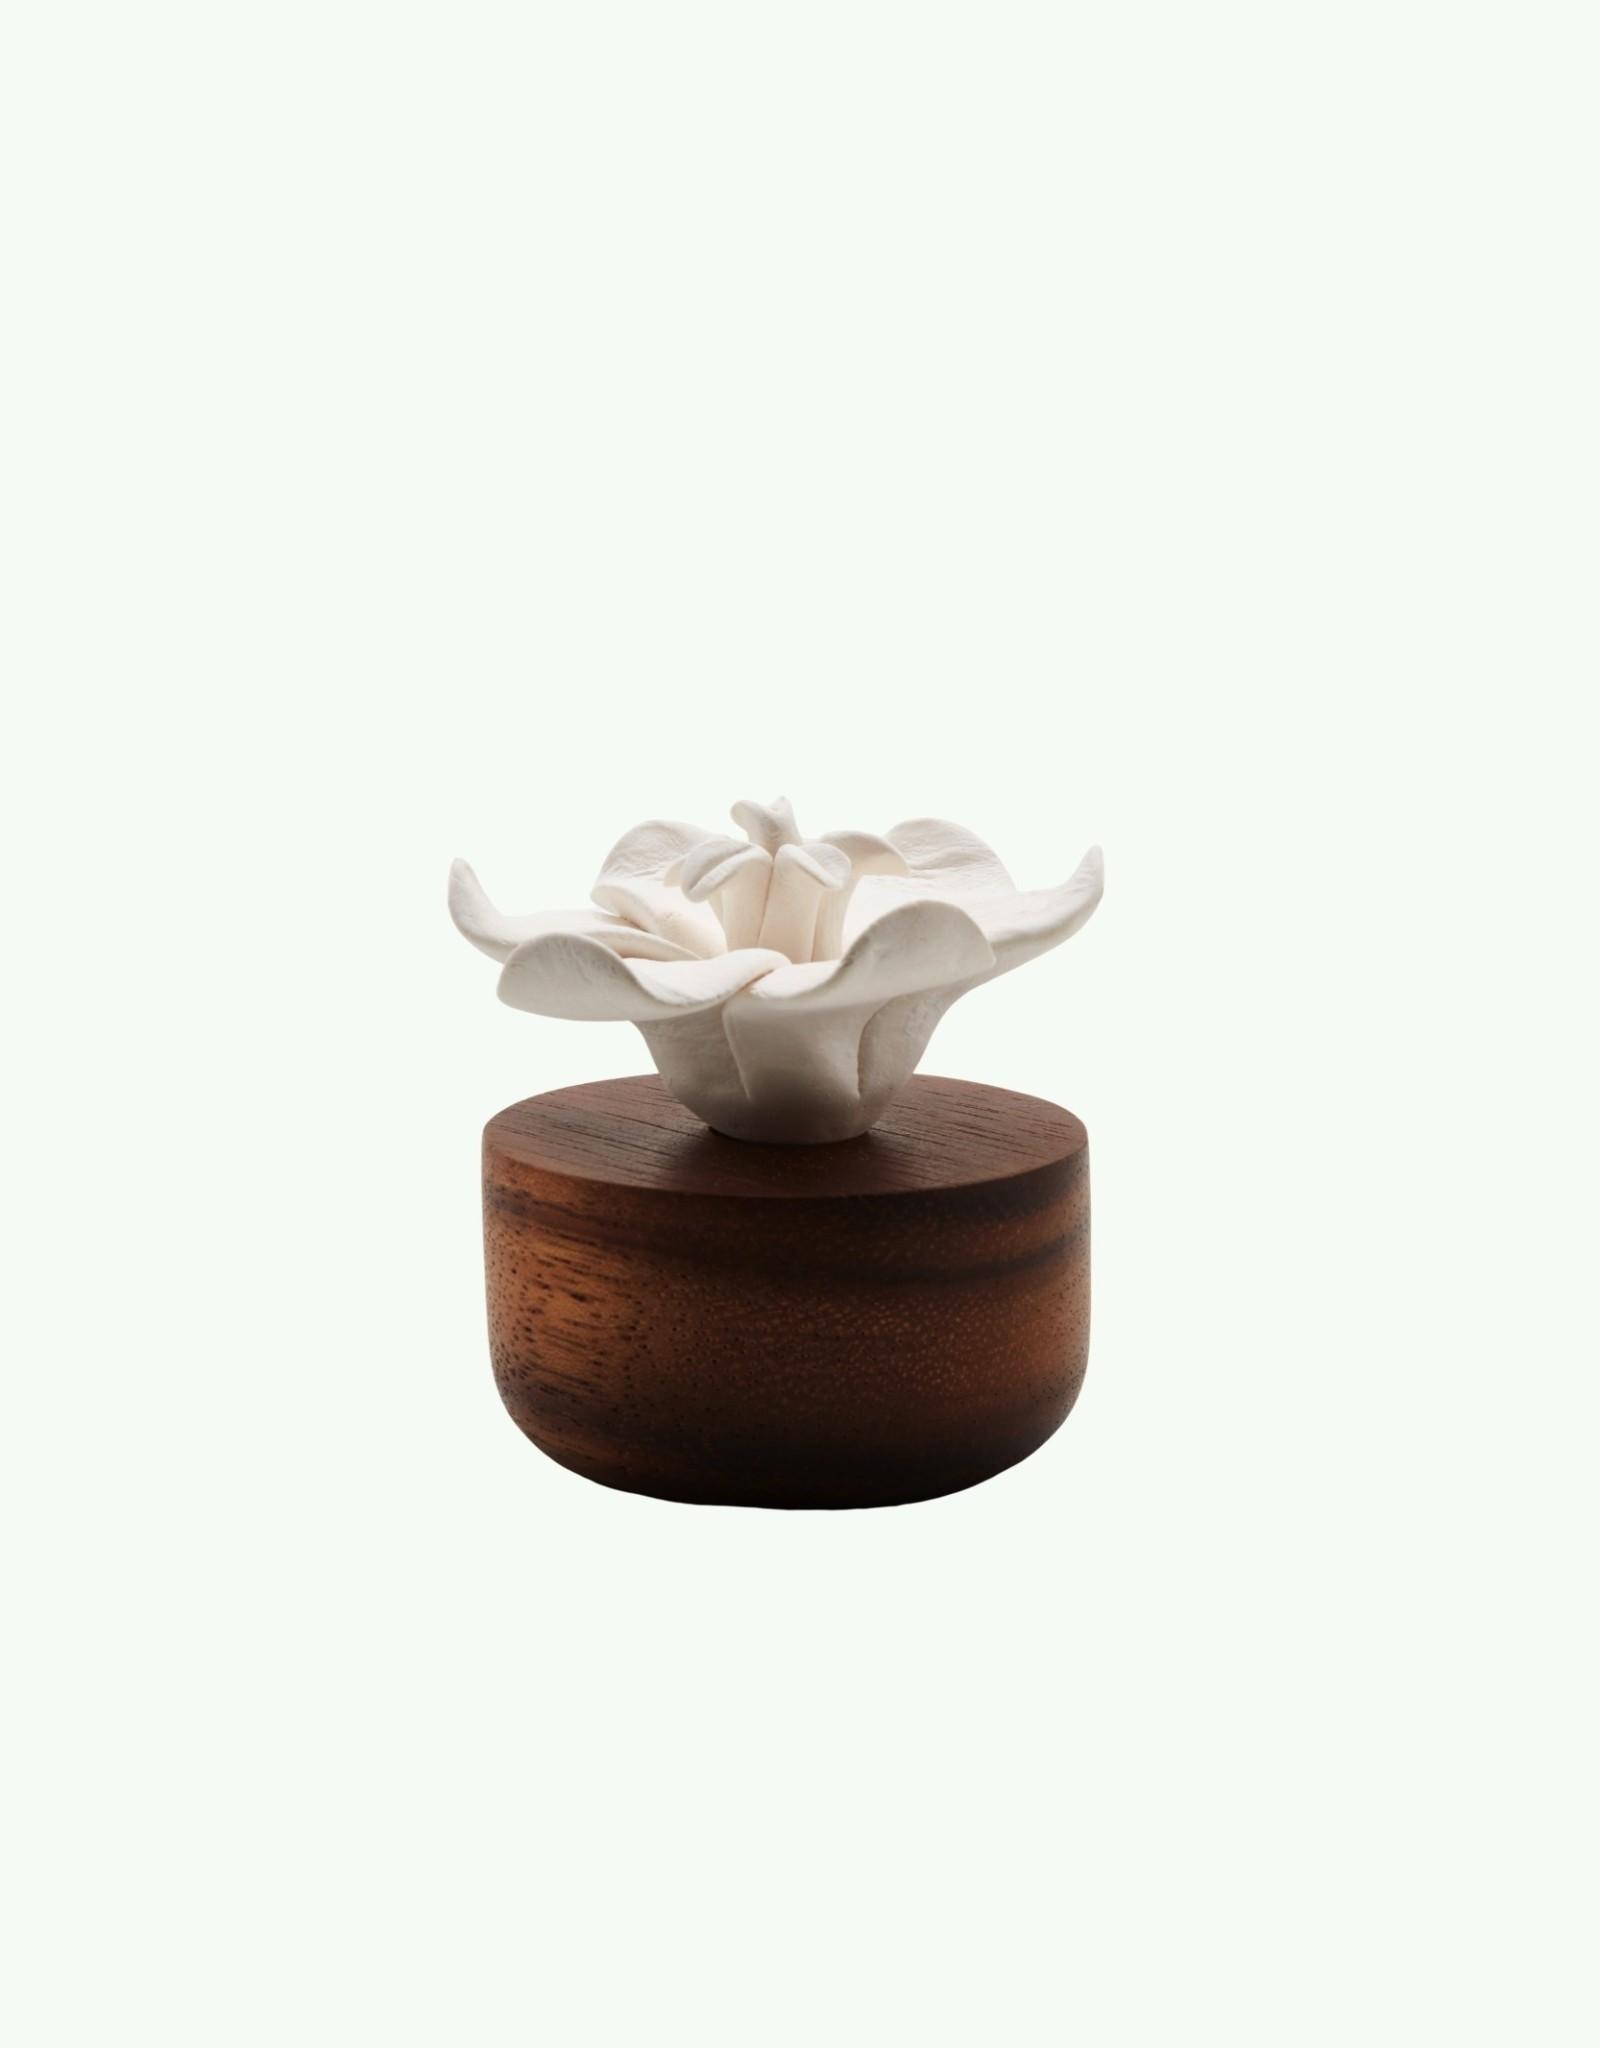 Anoq Anoq - Jasmin d'Orient - Diffuseur de Parfum - 2 couleurs